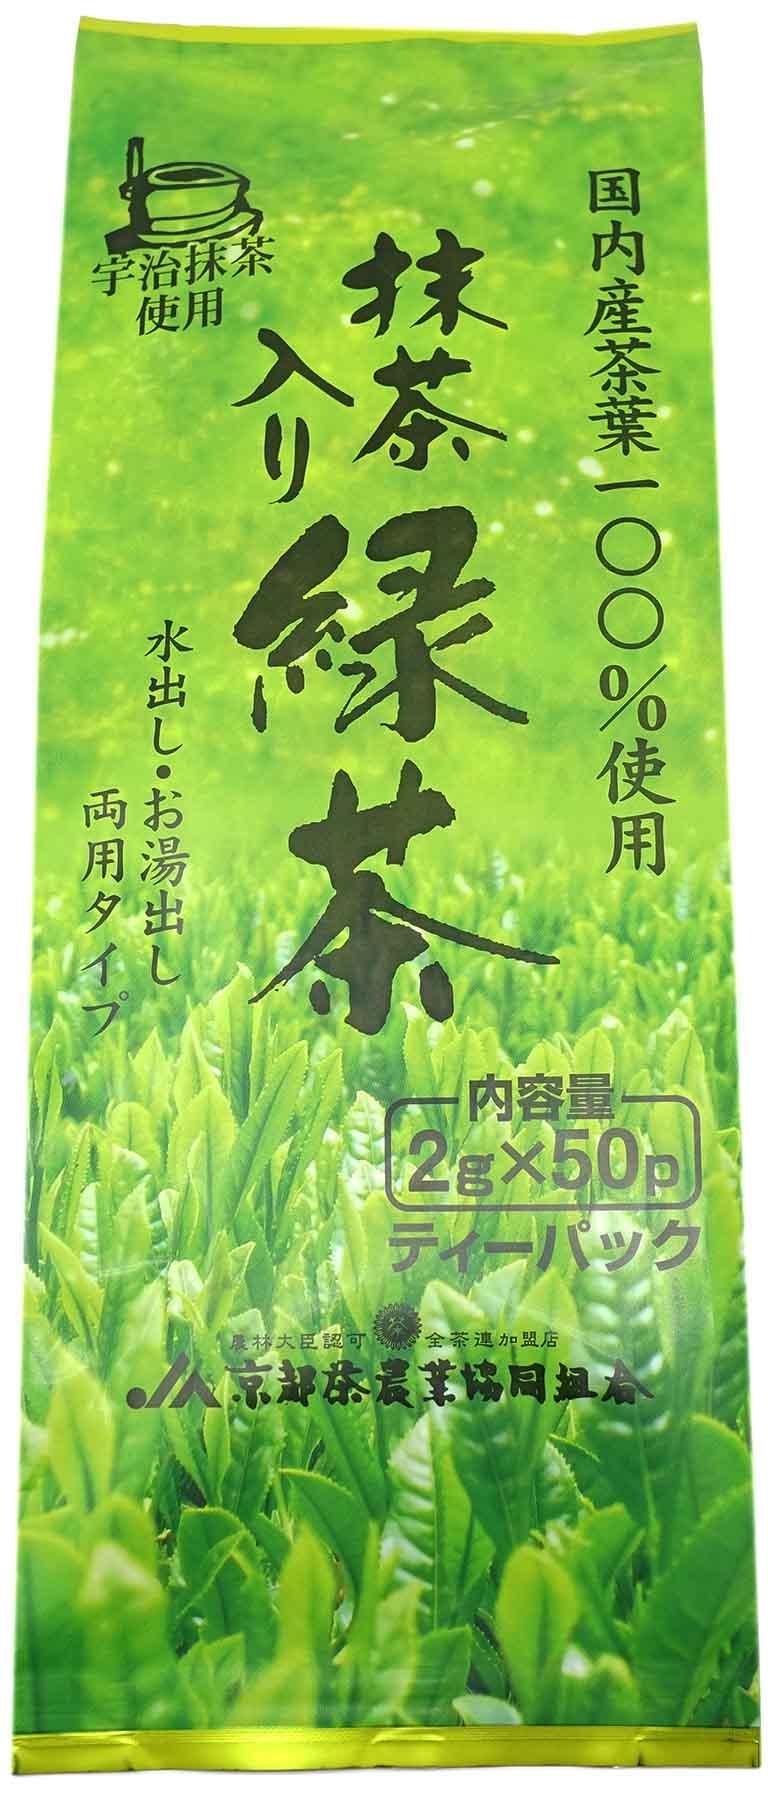 Grüner Tee mit Matcha im Teebeutel, 50 Beutel je 2 g